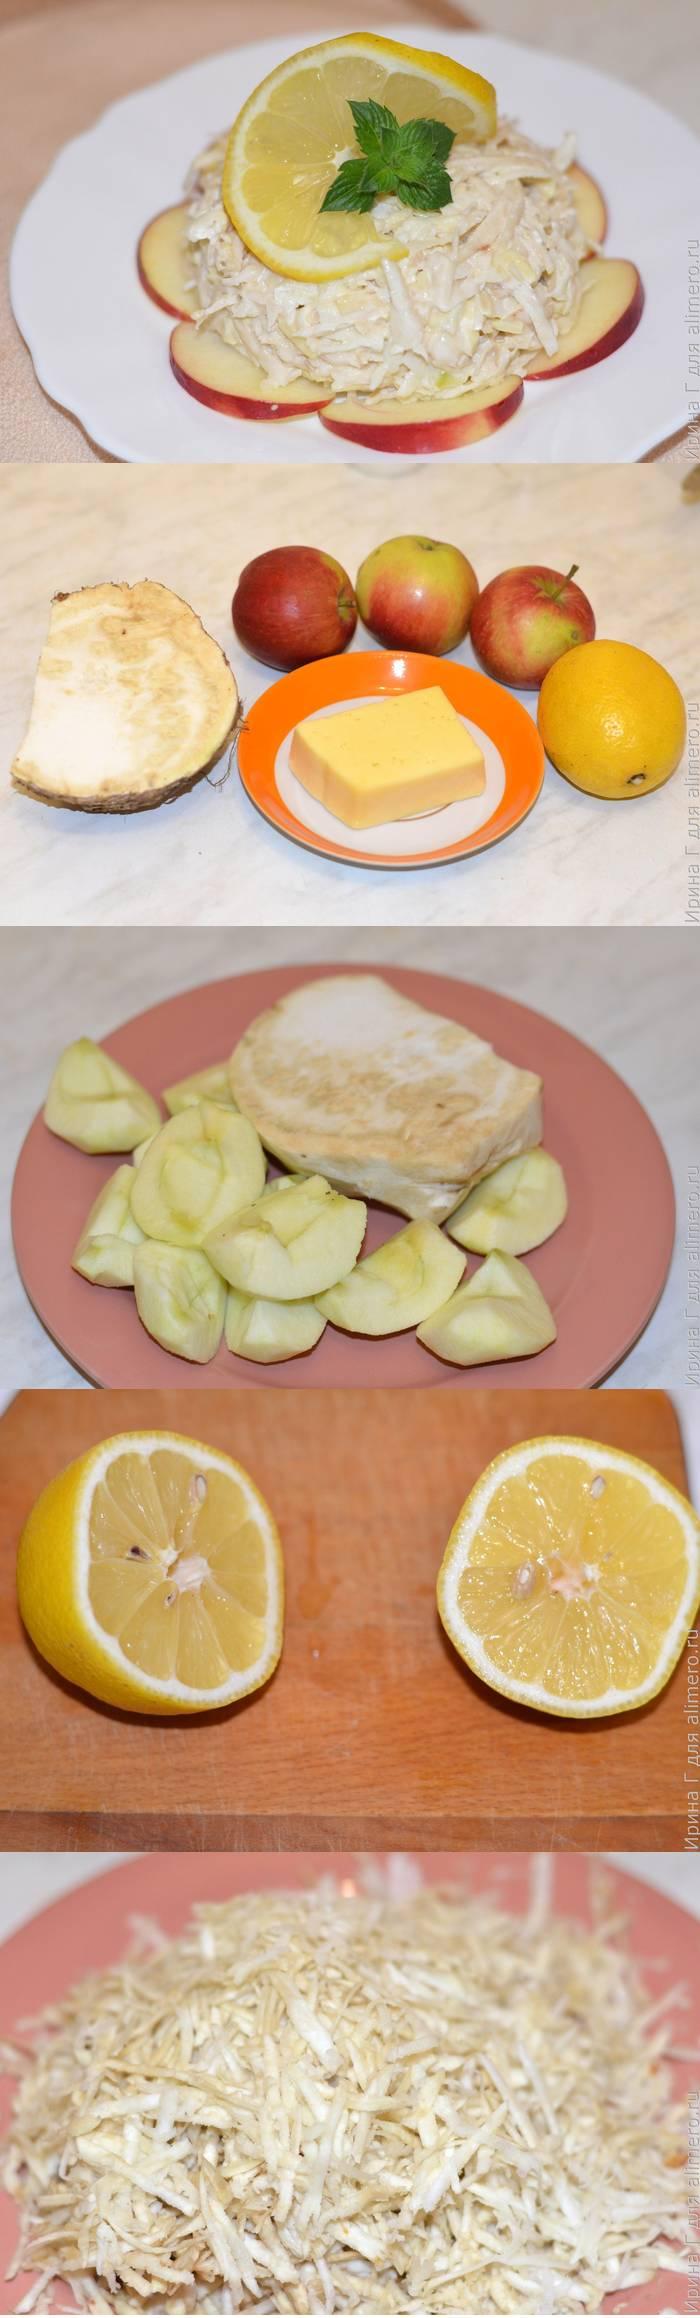 Салат из сельдерея с яблоком и сыром